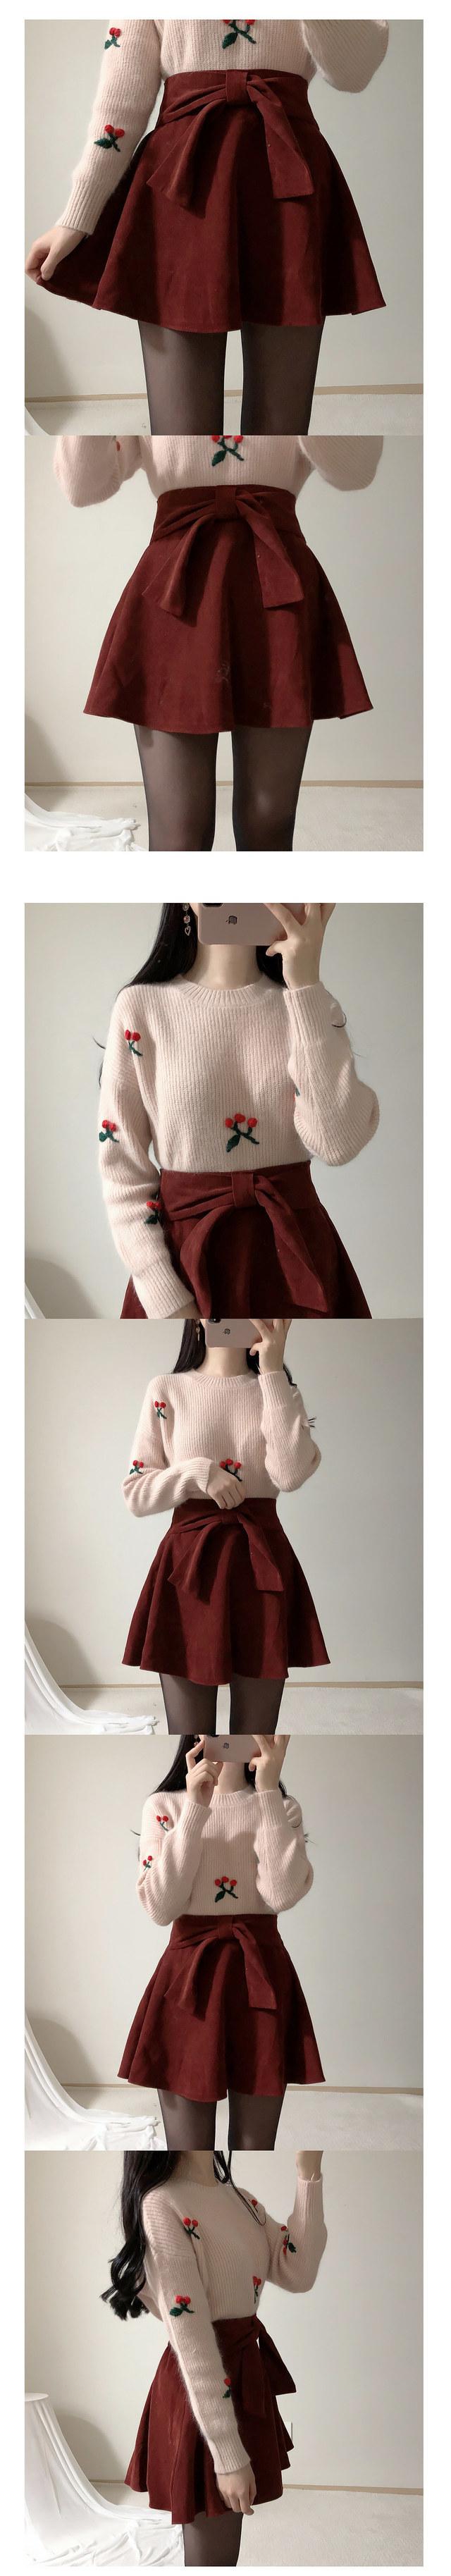 Sweet cherry angora nt